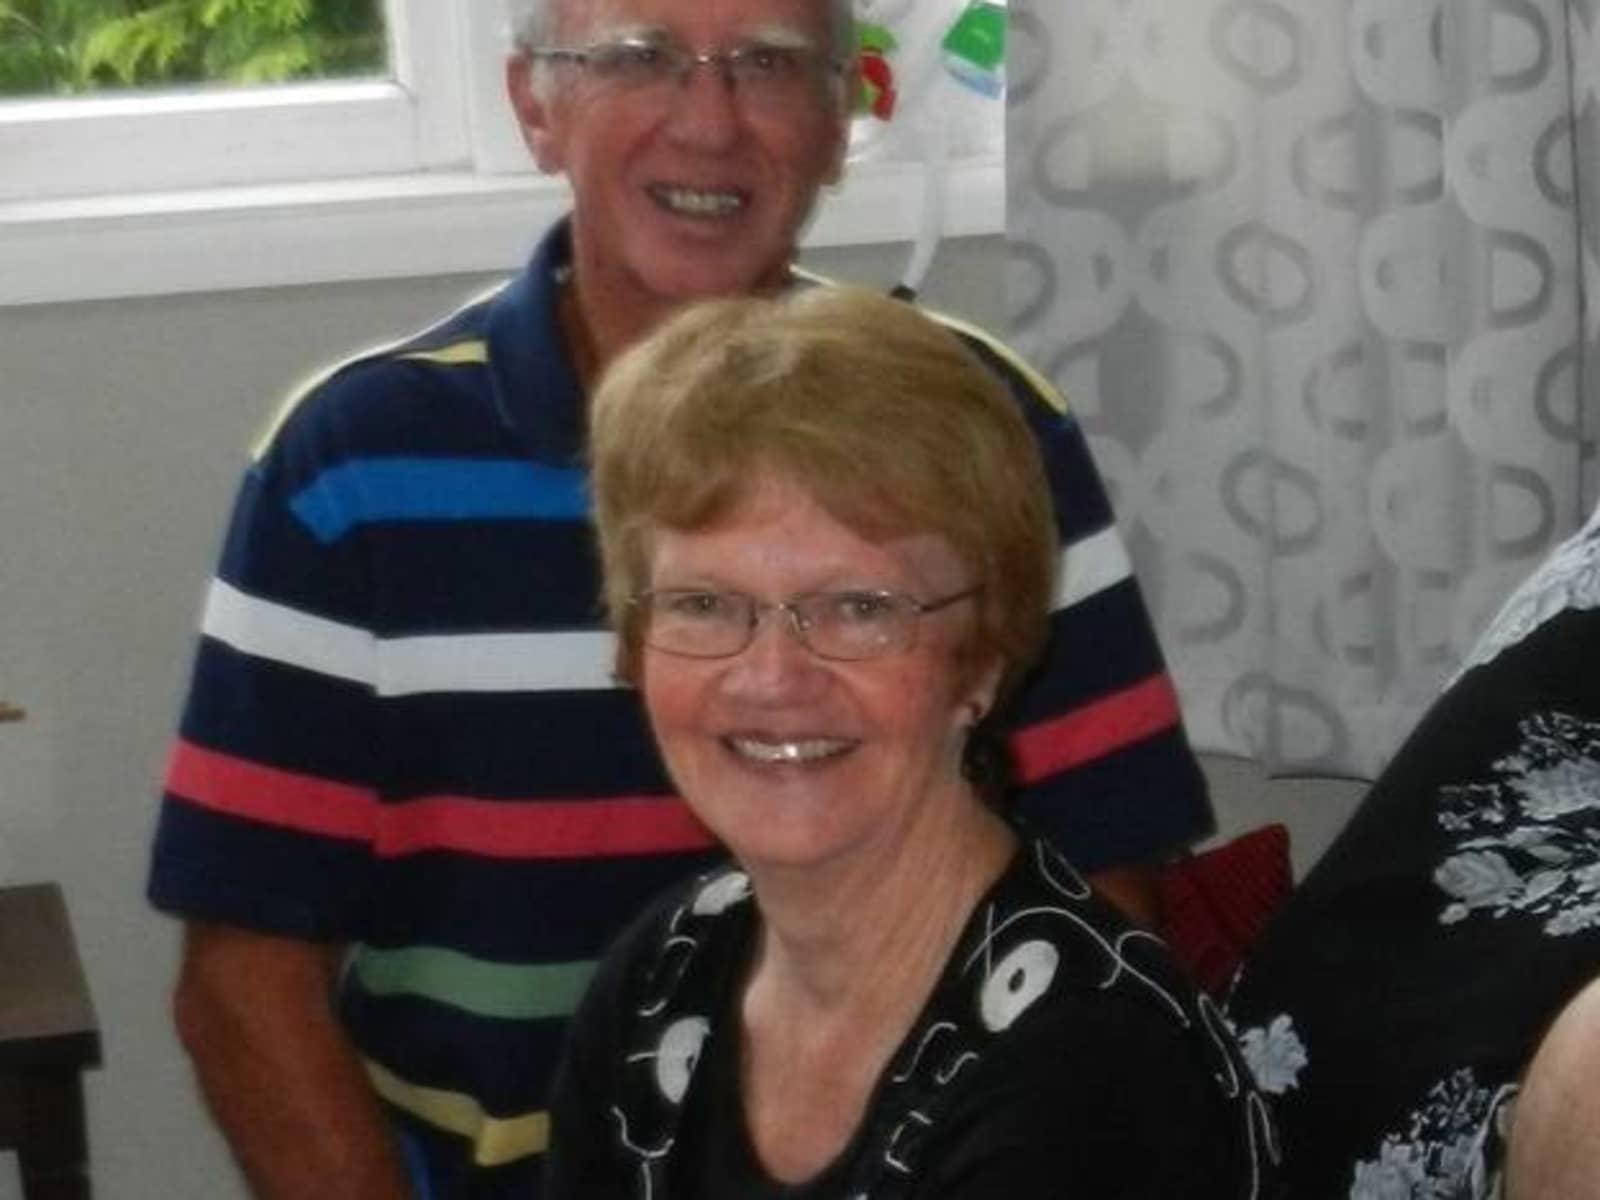 John & Valerie from Rotorua, New Zealand